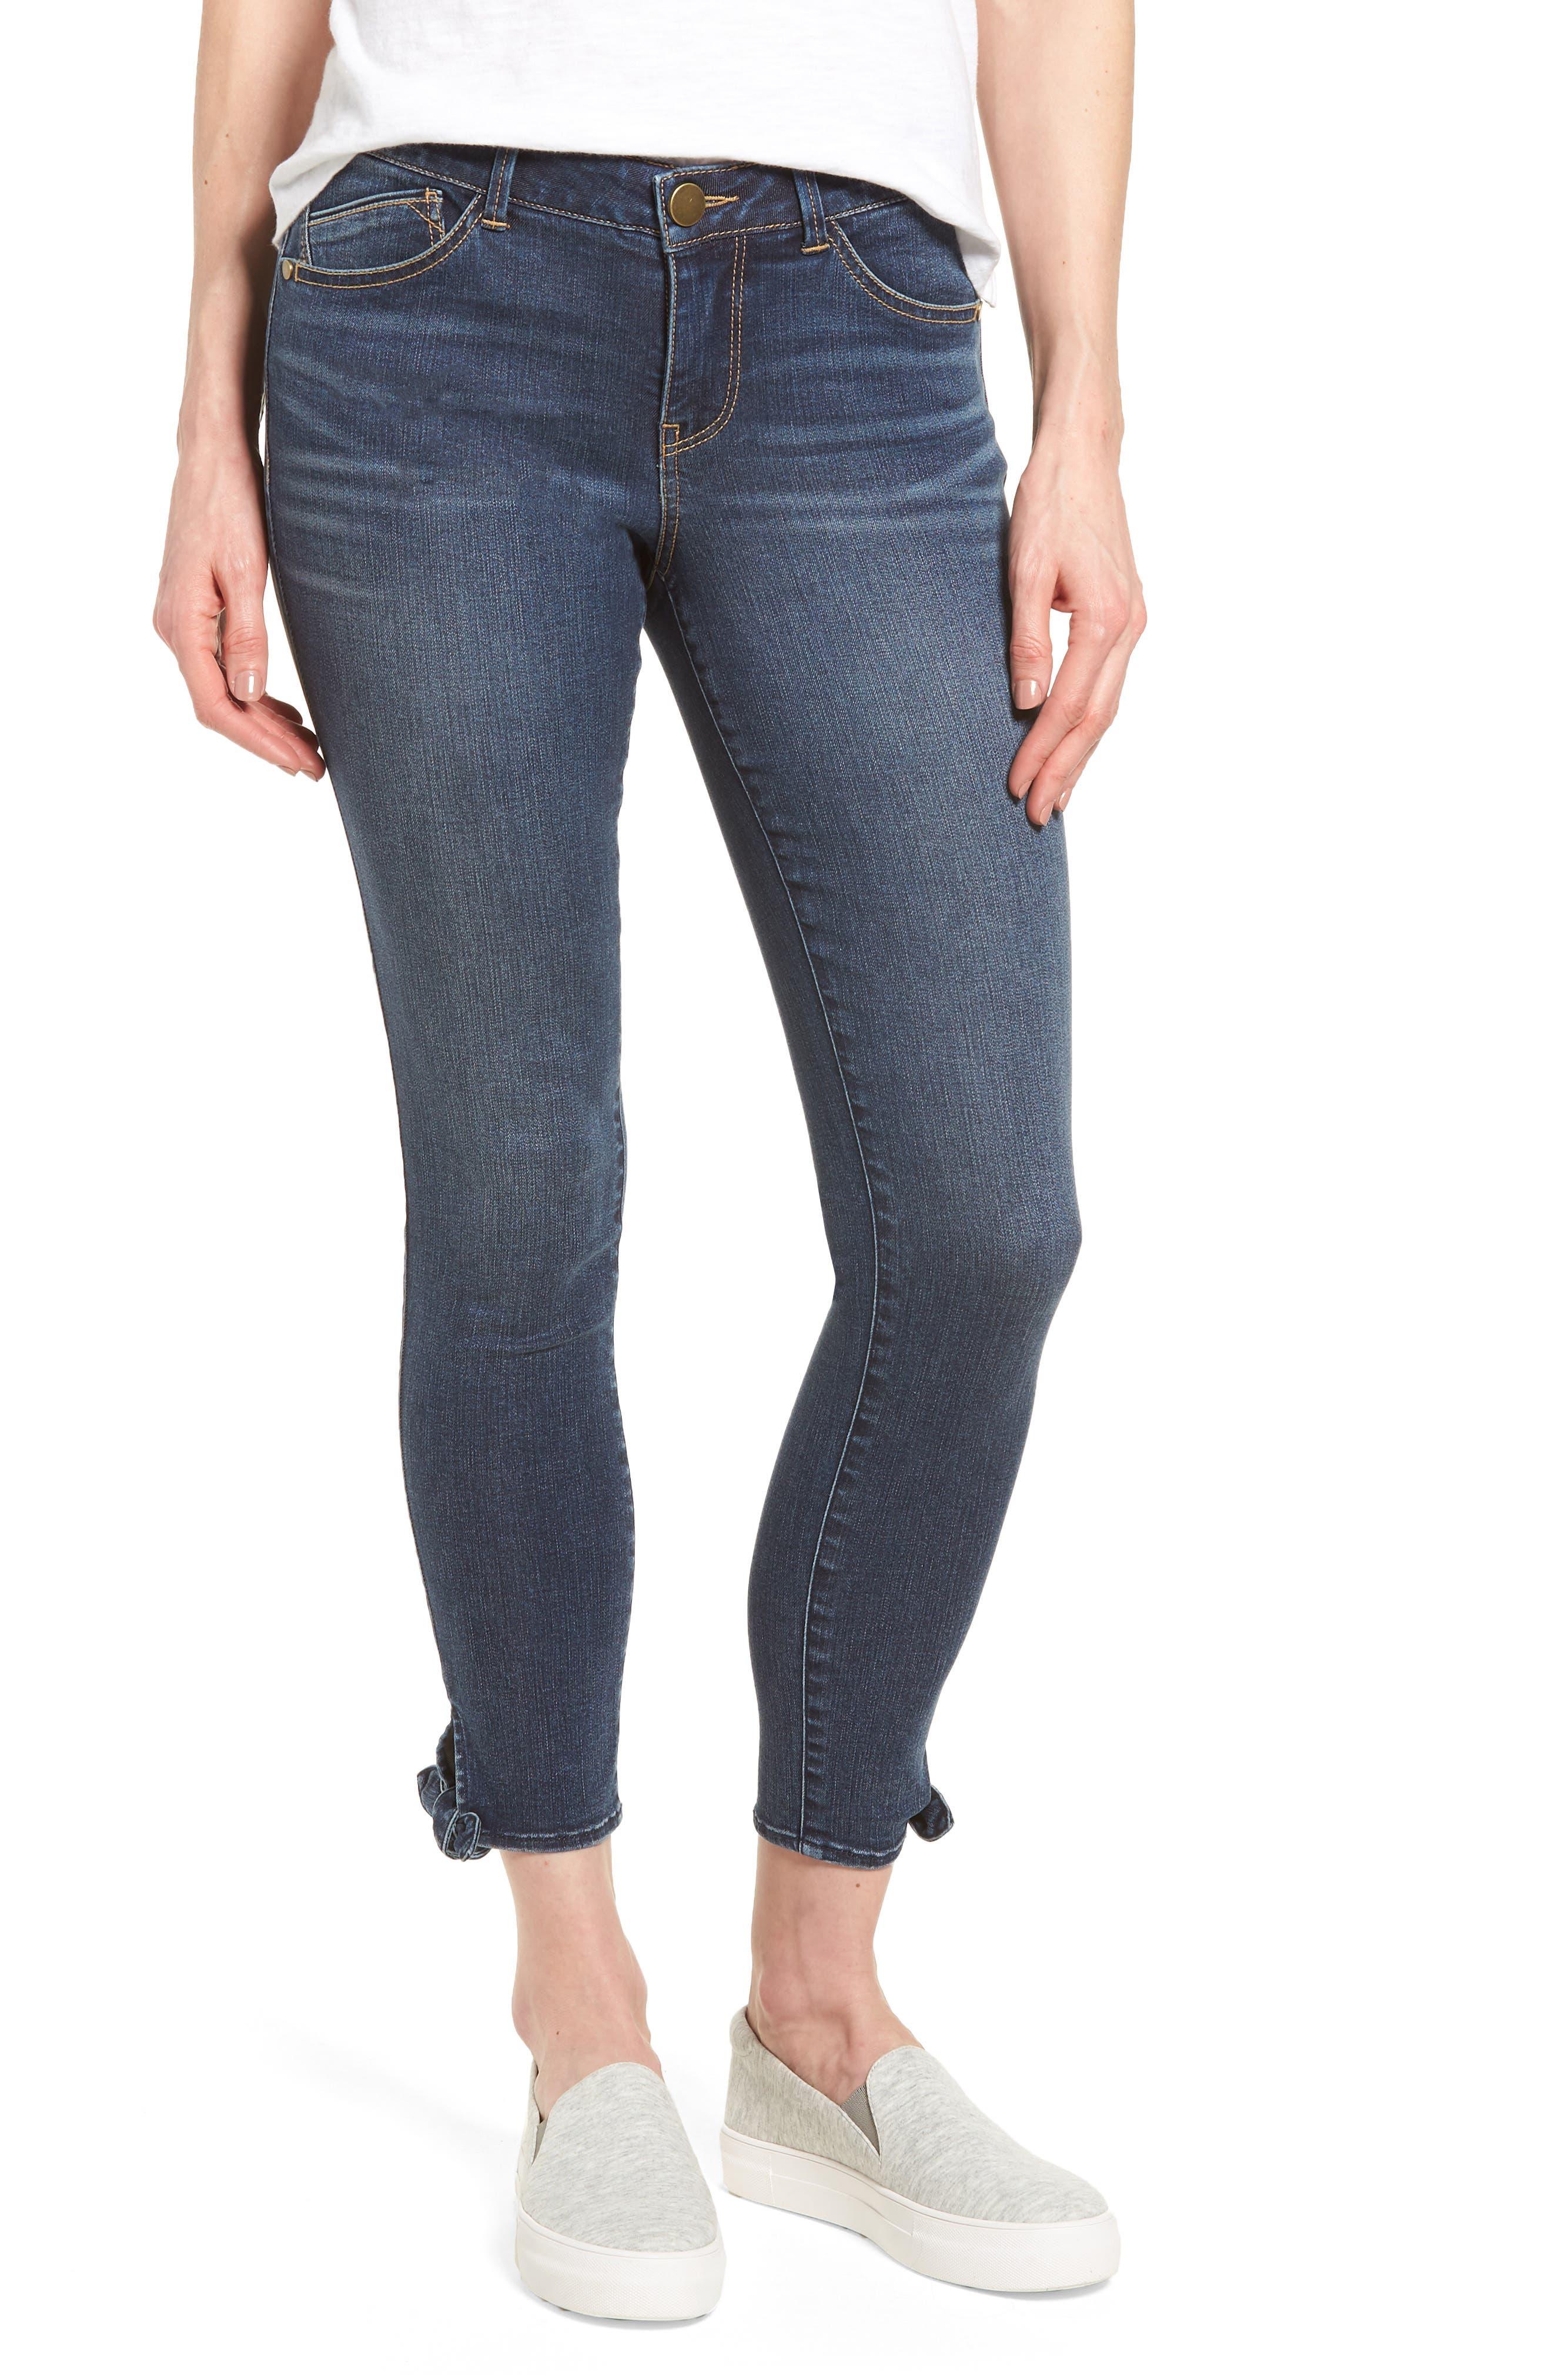 Ab-solution Ankle Skinny Skimmer Jeans,                         Main,                         color, Bl- Blue